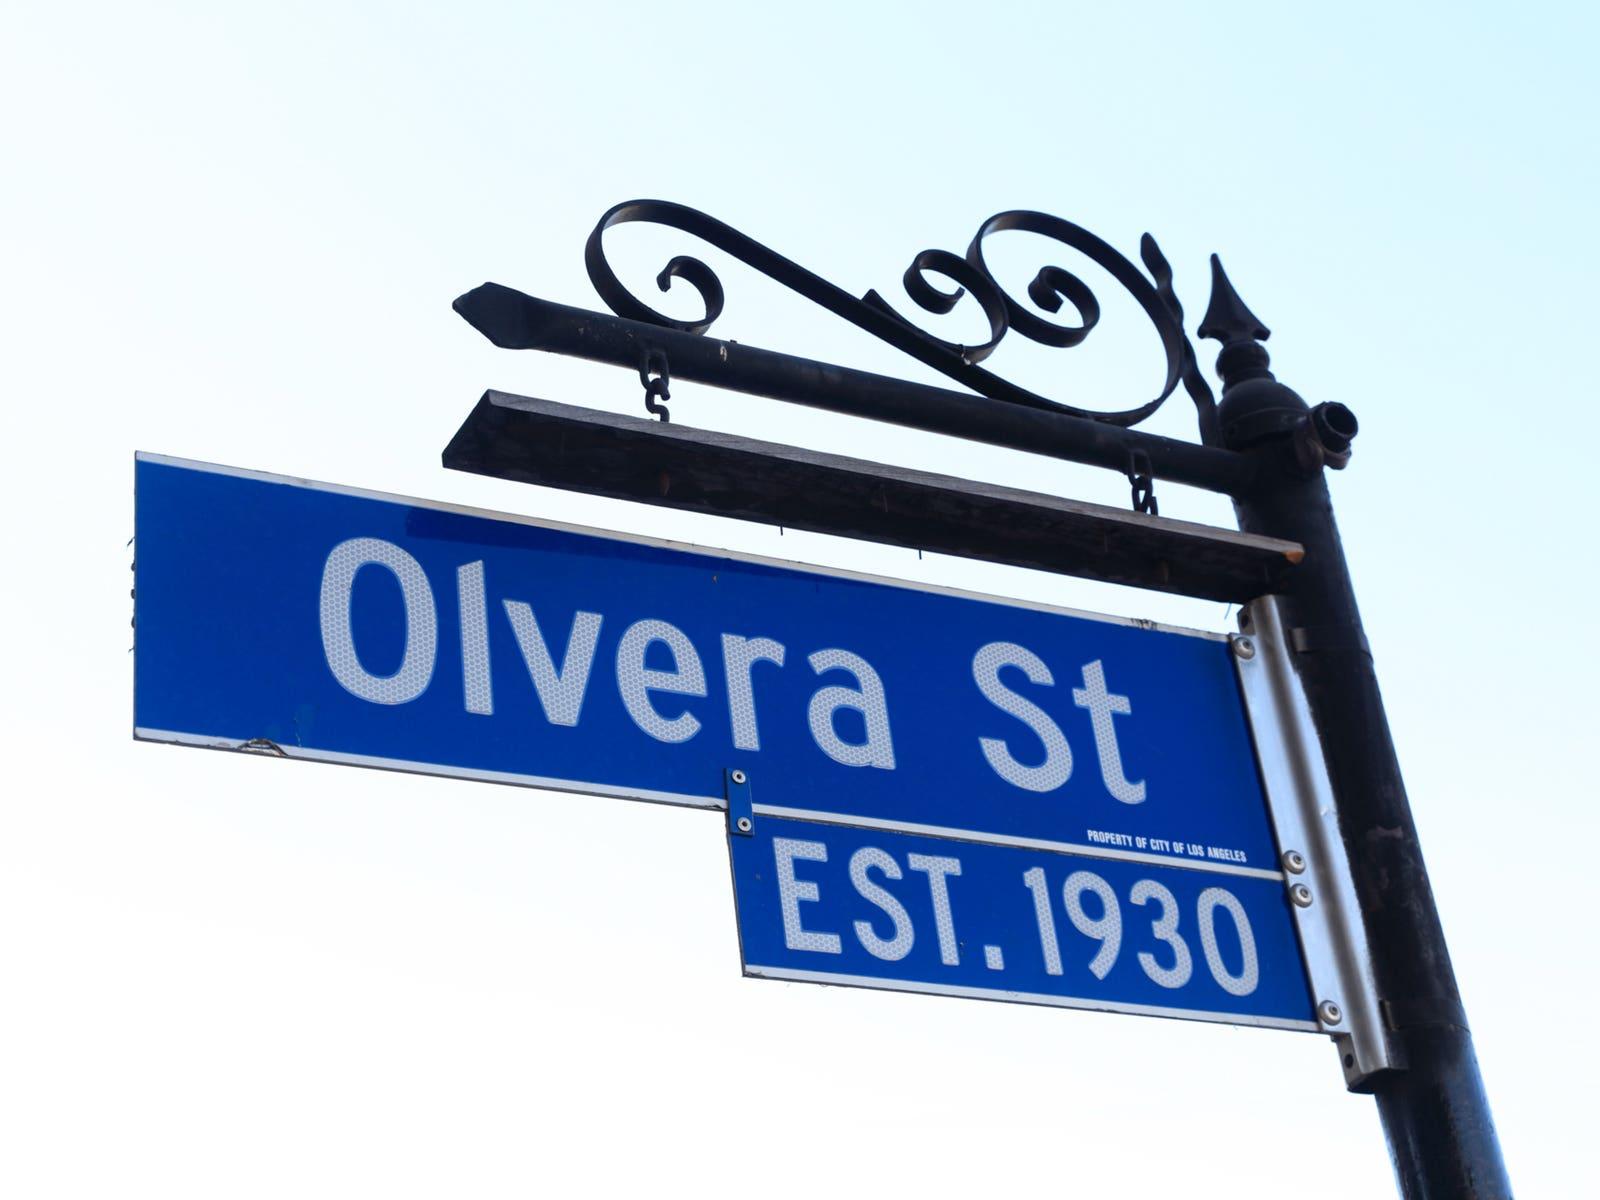 Olvera Street 1